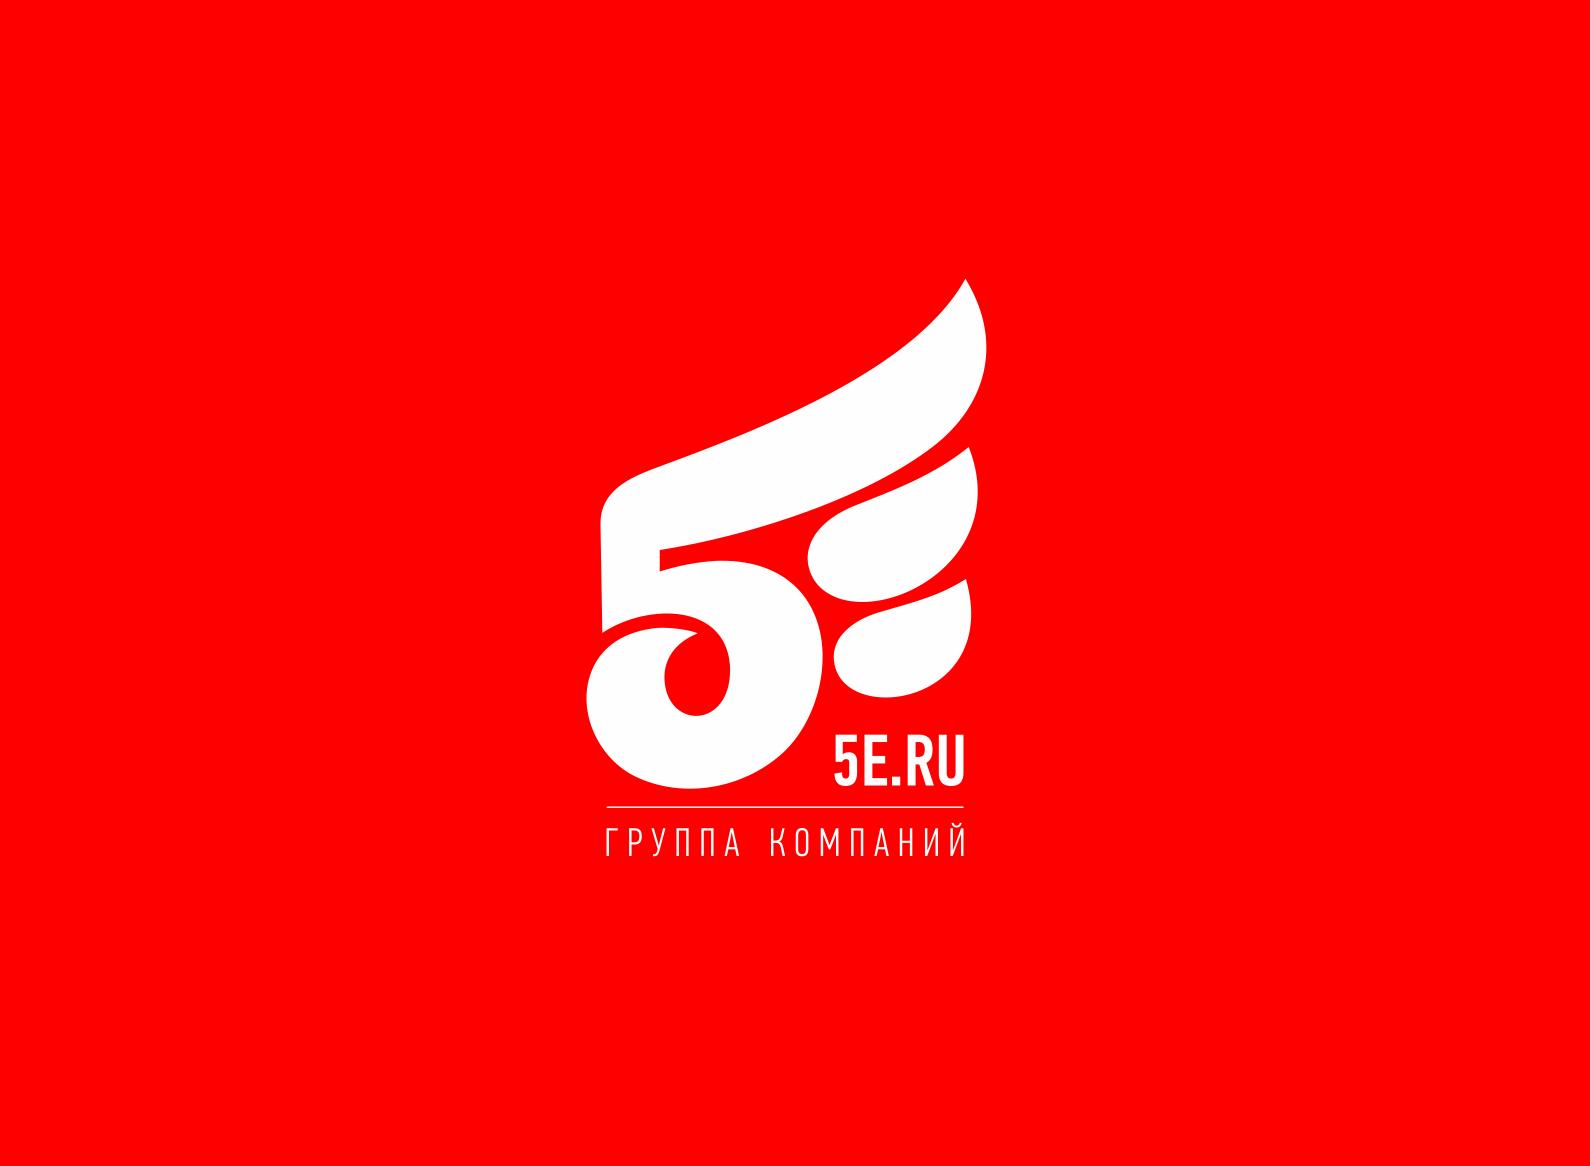 Нарисовать логотип для группы компаний  фото f_3595cdccc8c32a98.png